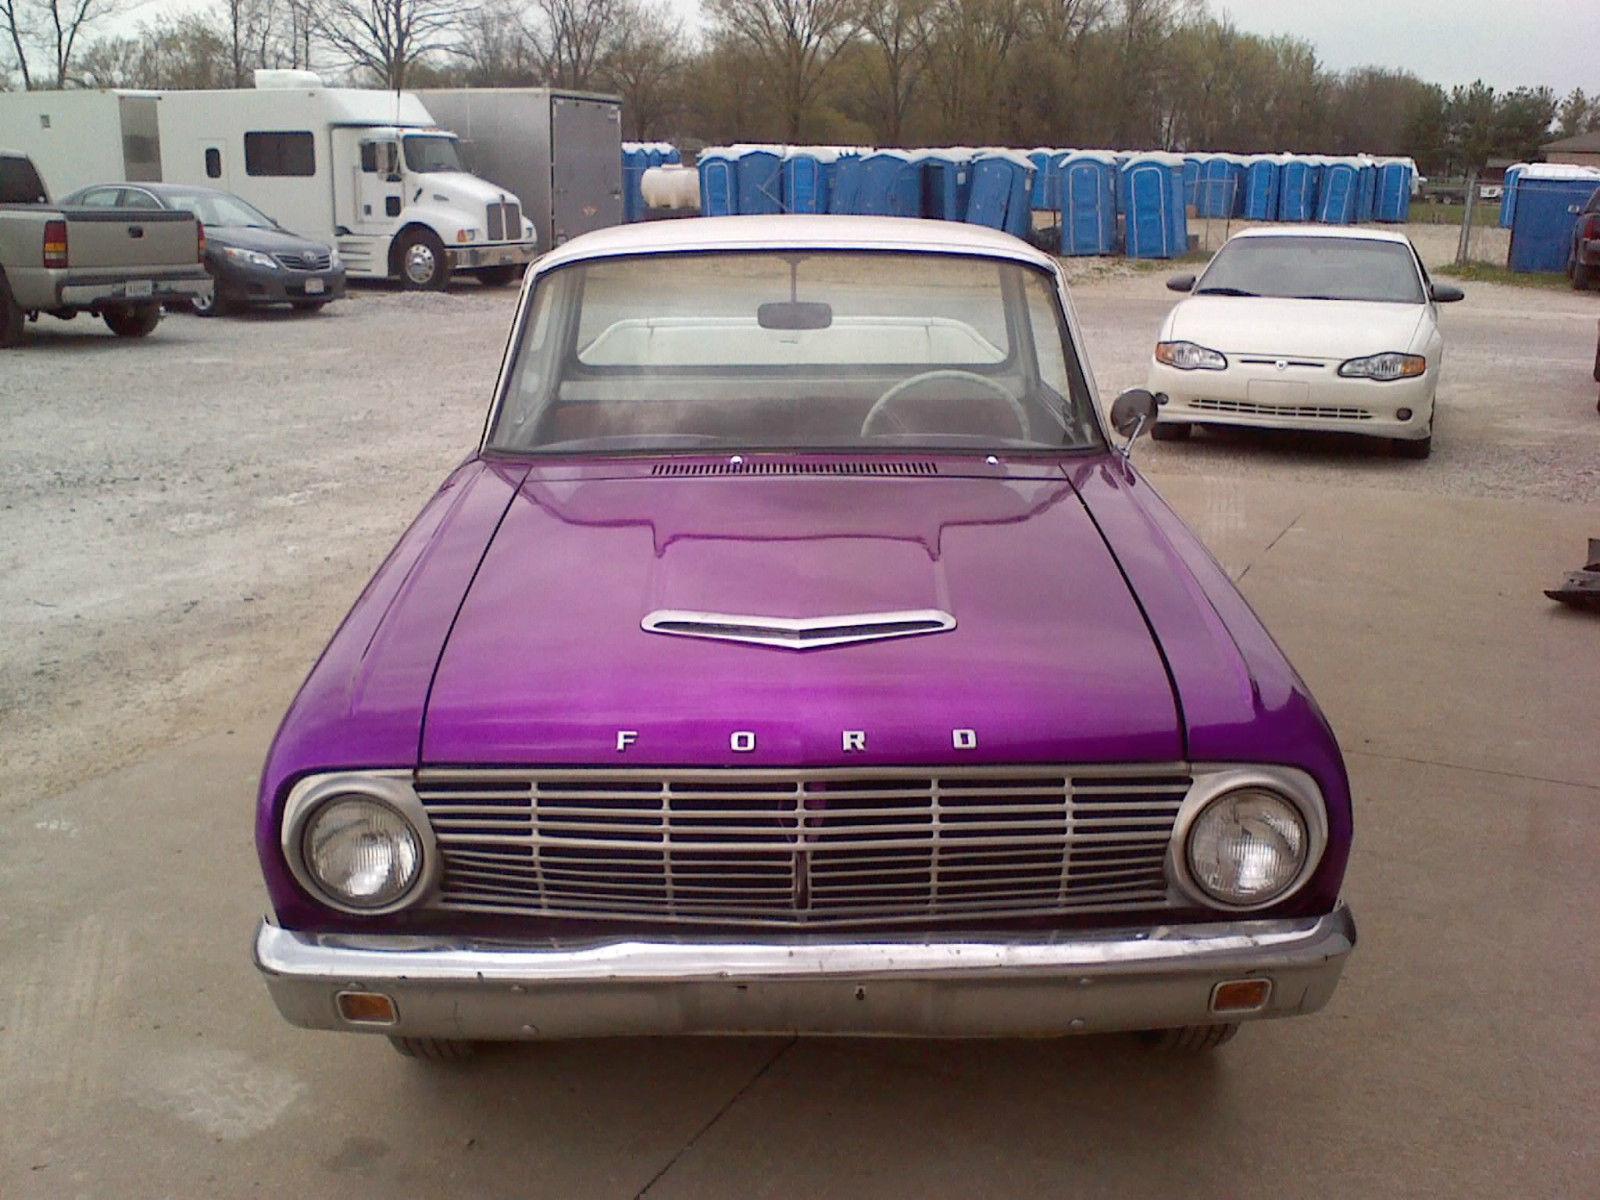 1963 Ford Falcon Ranchero, Cool car - Classic Ford Falcon 1963 for sale